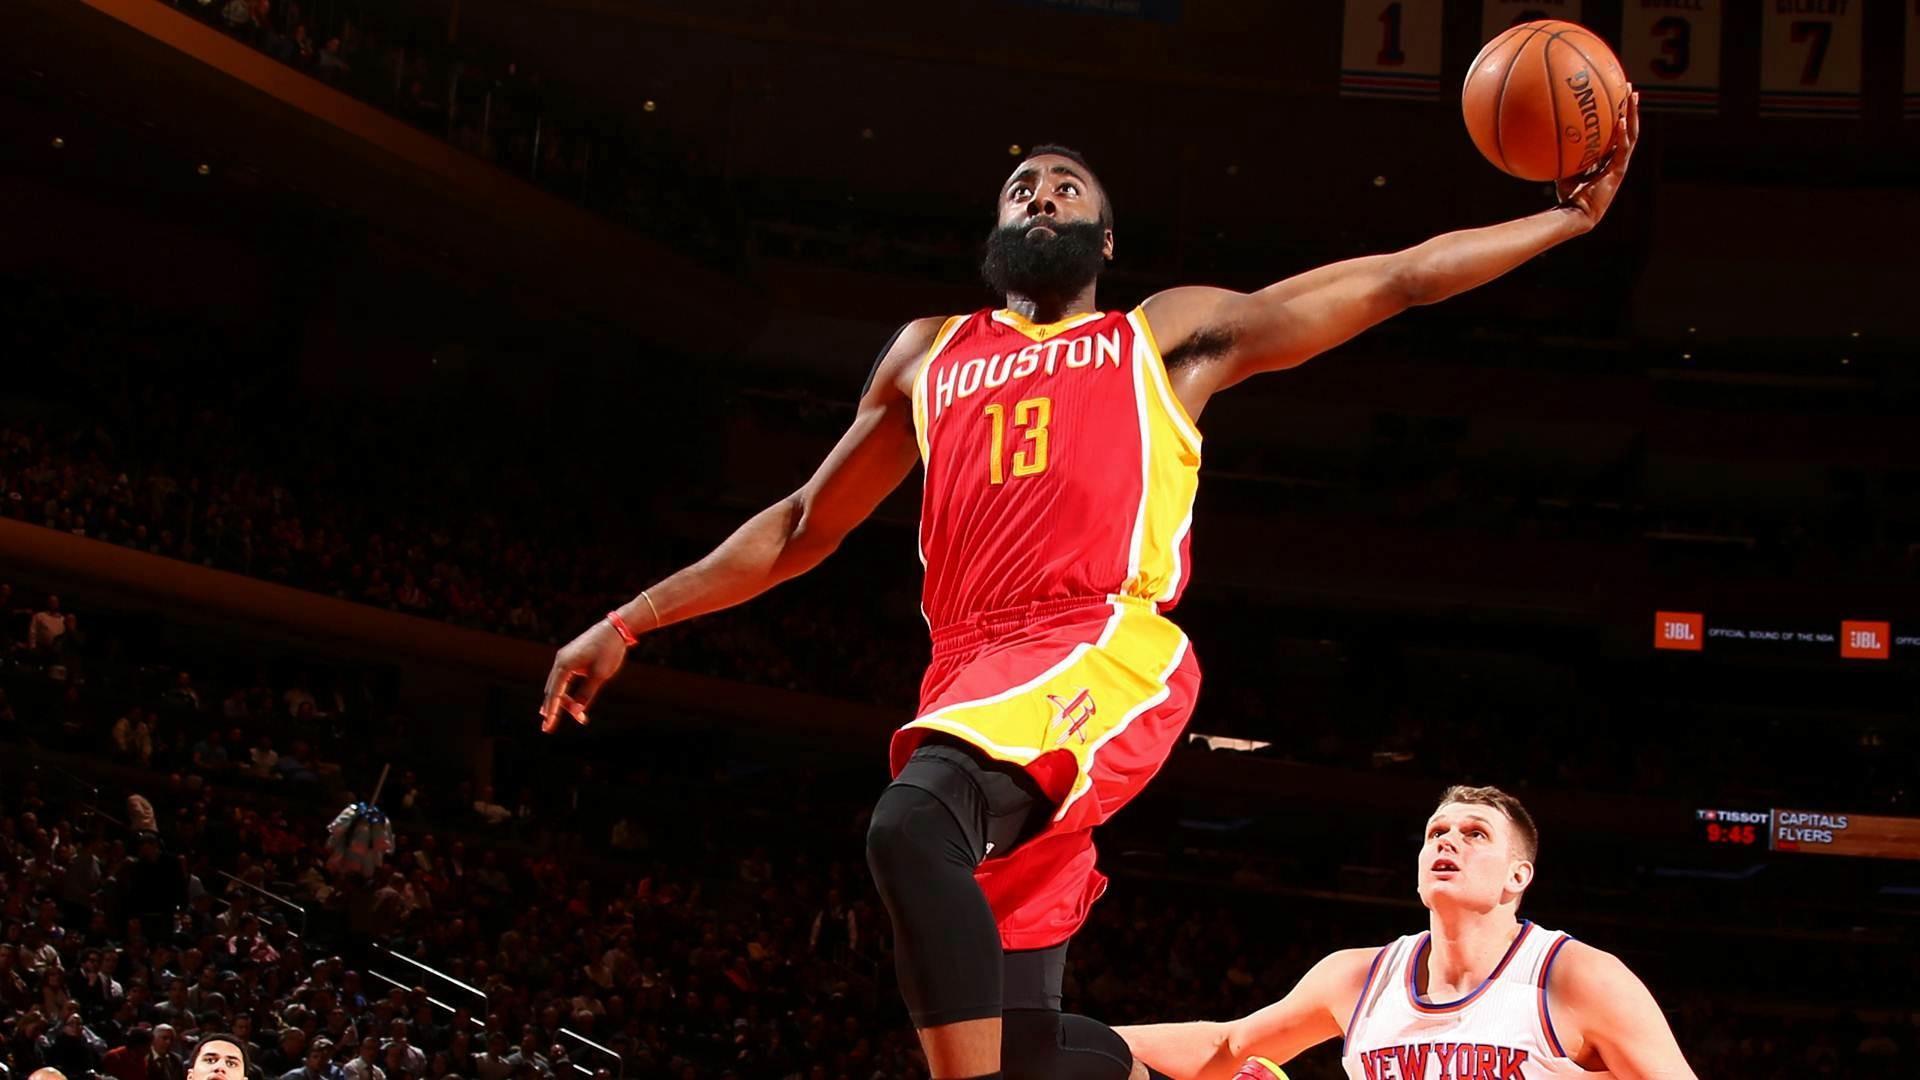 NEW YORK, NY – JANUARY 8: James Harden #13 of the Houston Rockets